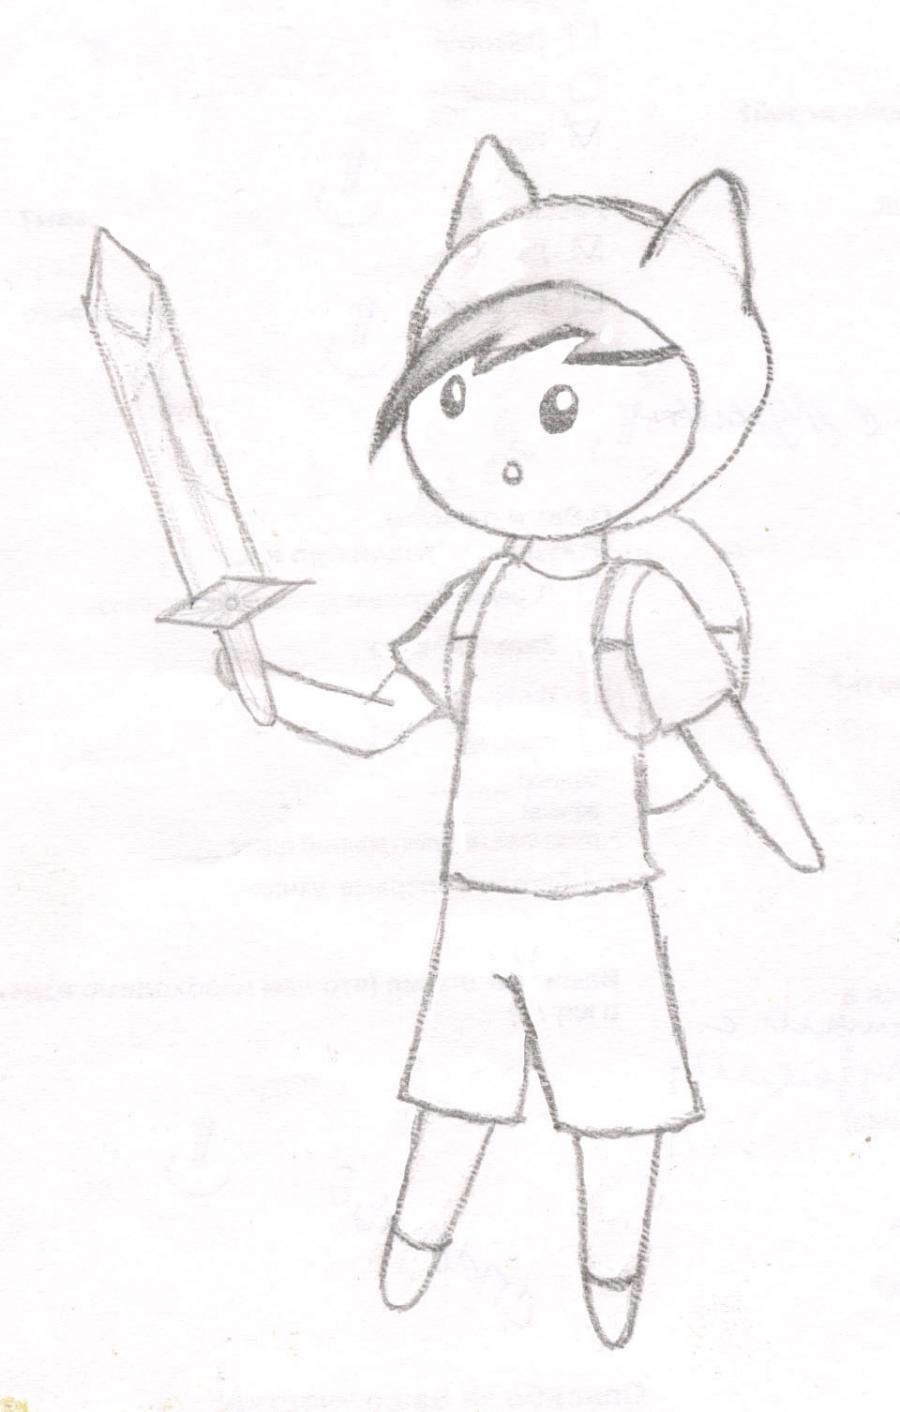 Как нарисовать чиби Финна из мультфильма Время приключений карандашами поэтапно - шаг 10